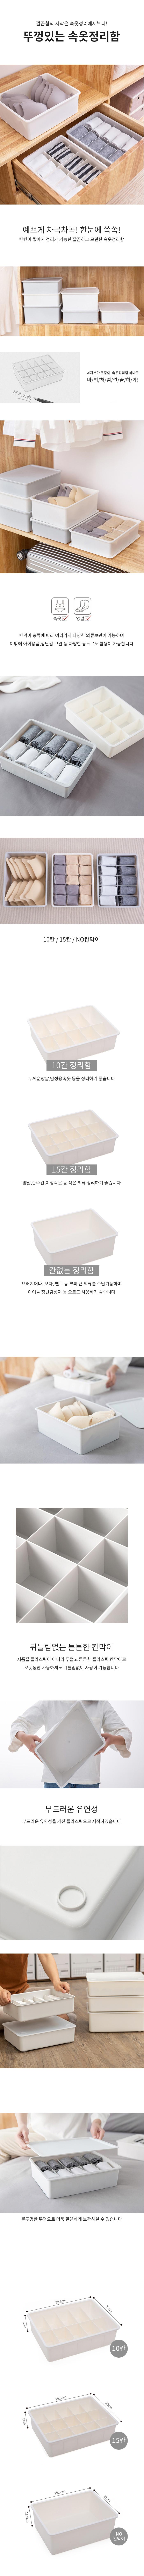 갓샵 뚜껑있는 속옷정리함 플라스틱 양말 수납함 보관 - 갓샵, 5,900원, 정리/리빙박스, 속옷정리함